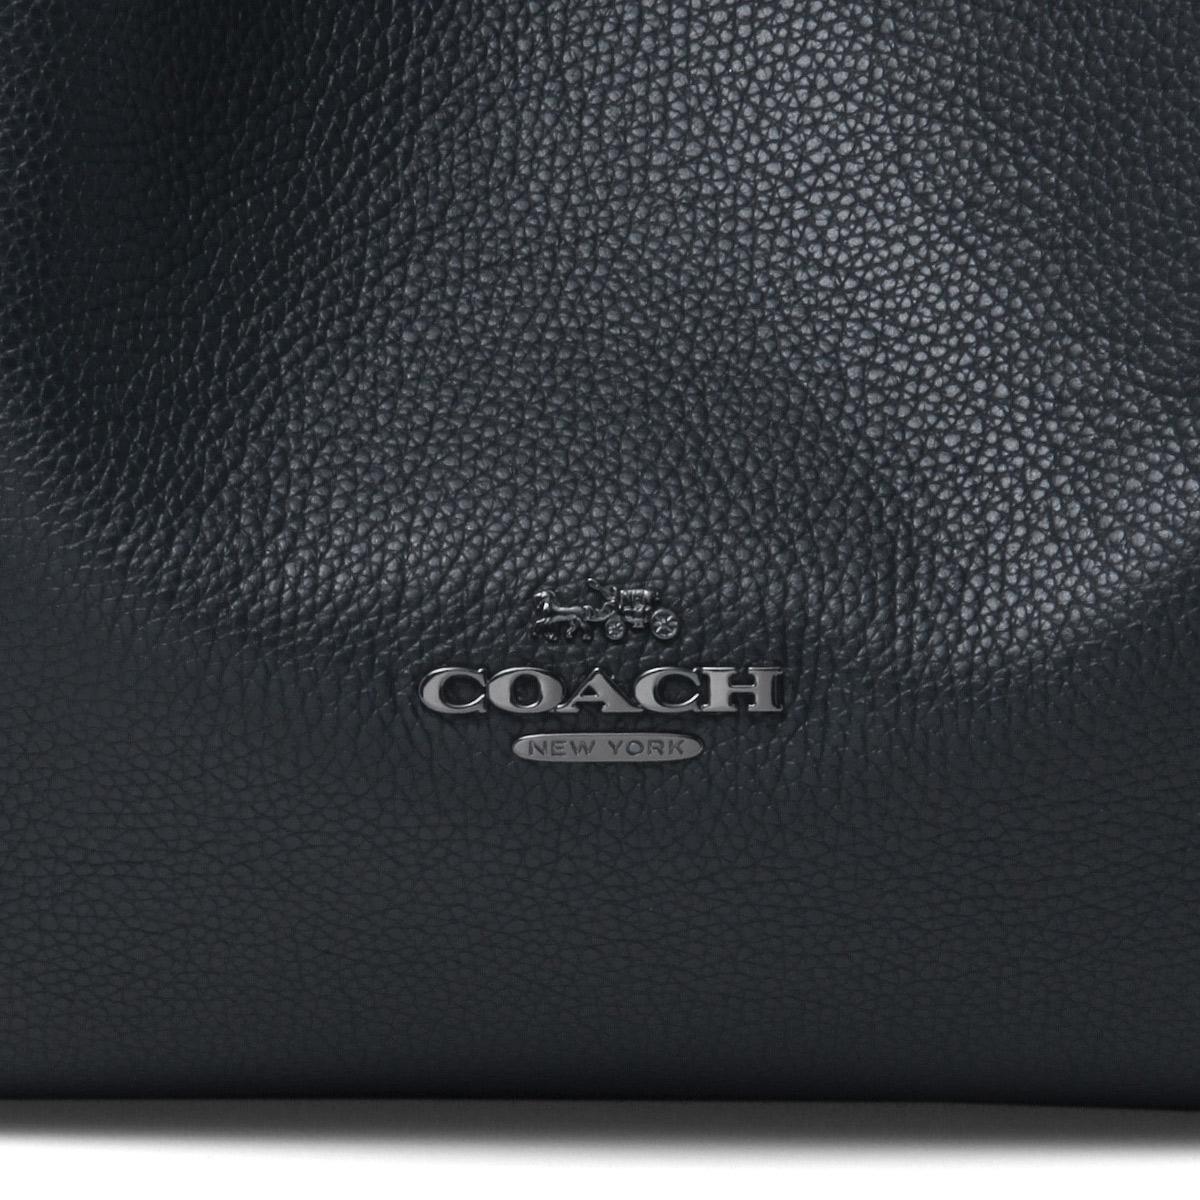 COACH コーチ | ハンドバッグ | HADLEY ハドリー